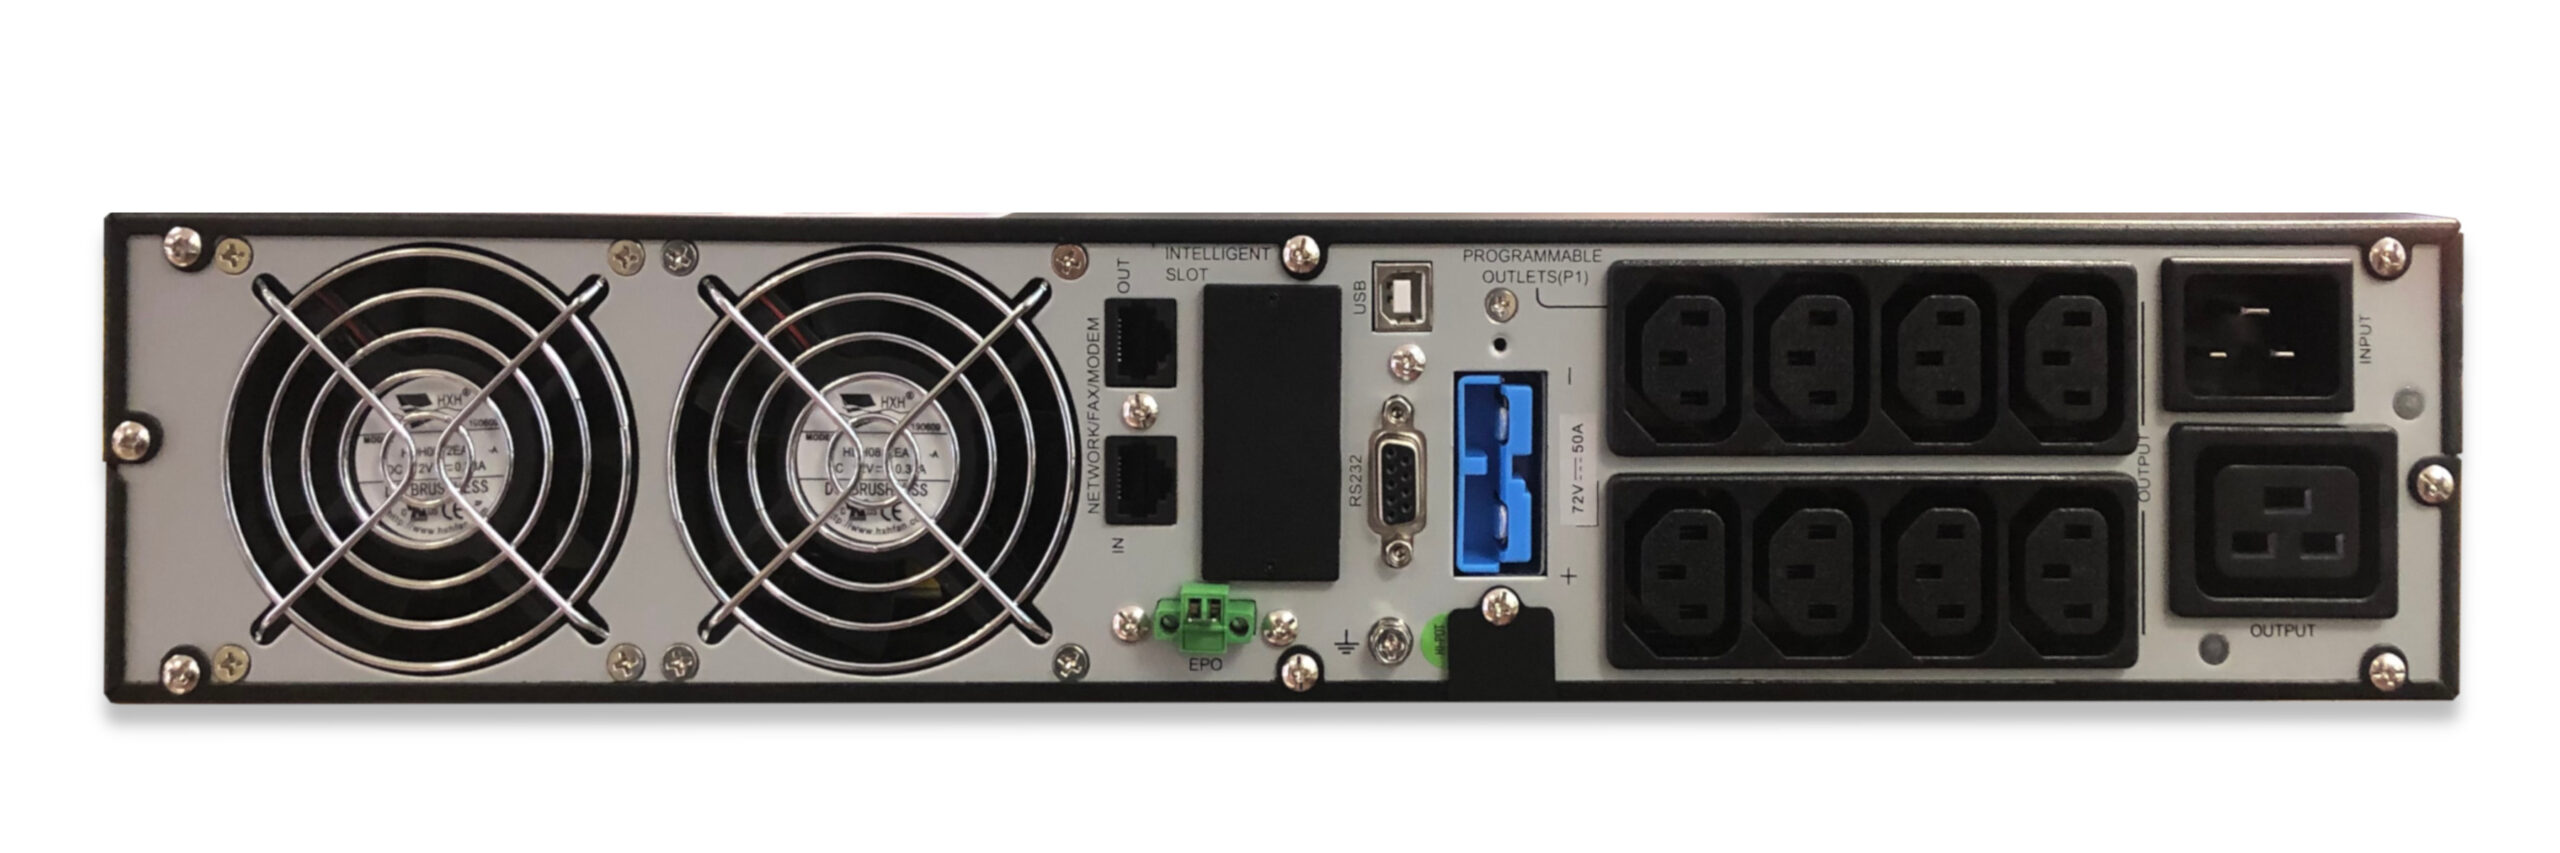 VFI3000RT+ Online UPS System Rear